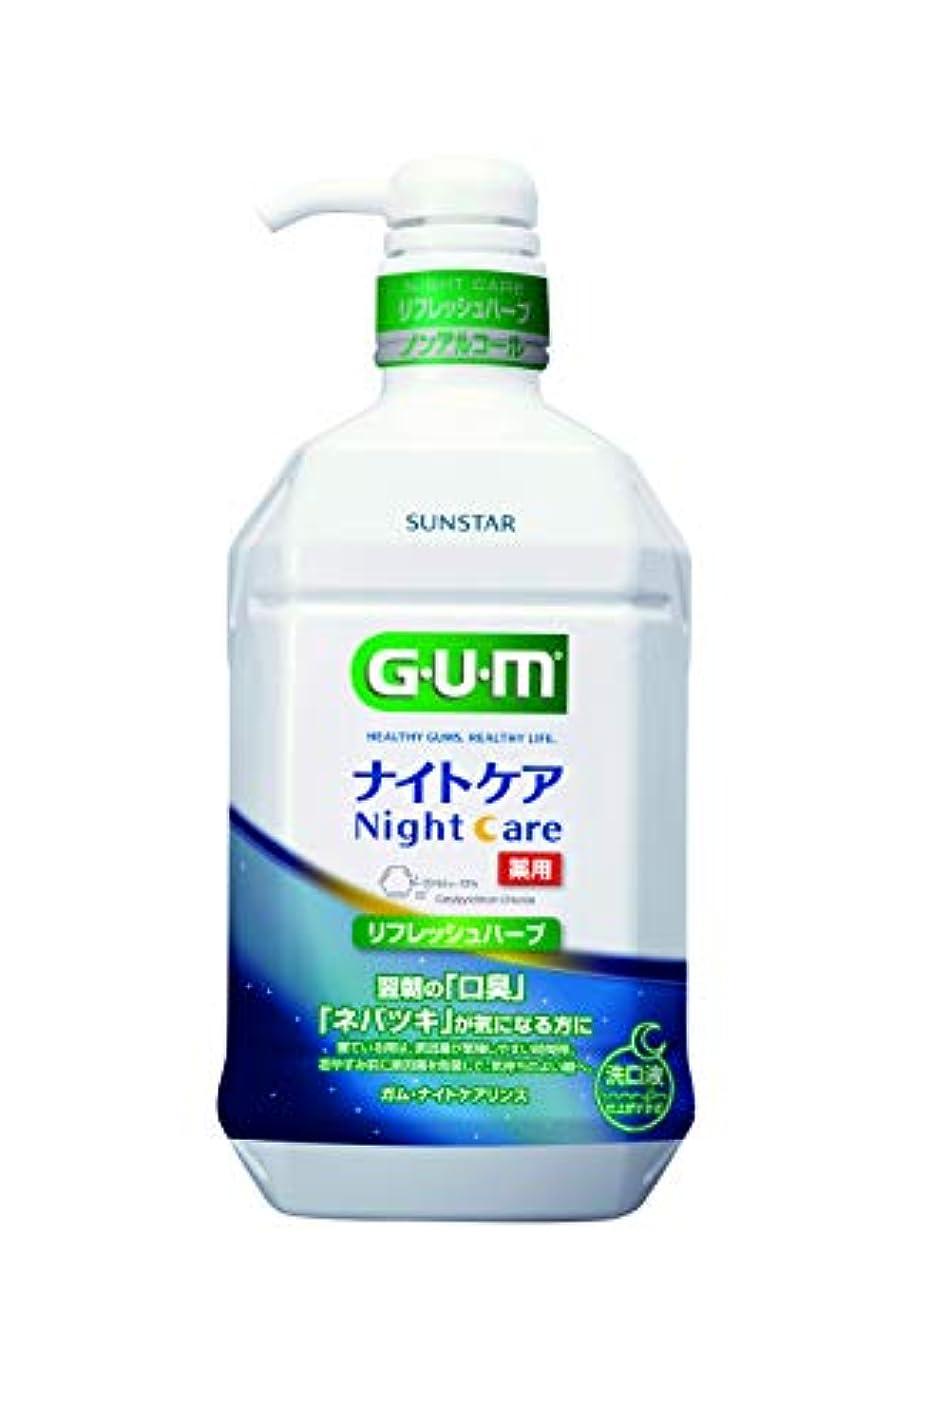 乳剤広告する引っ張る(医薬部外品) GUM(ガム) マウスウォッシュ ナイトケア 薬用洗口液(リフレッシュハーブタイプ)900mL